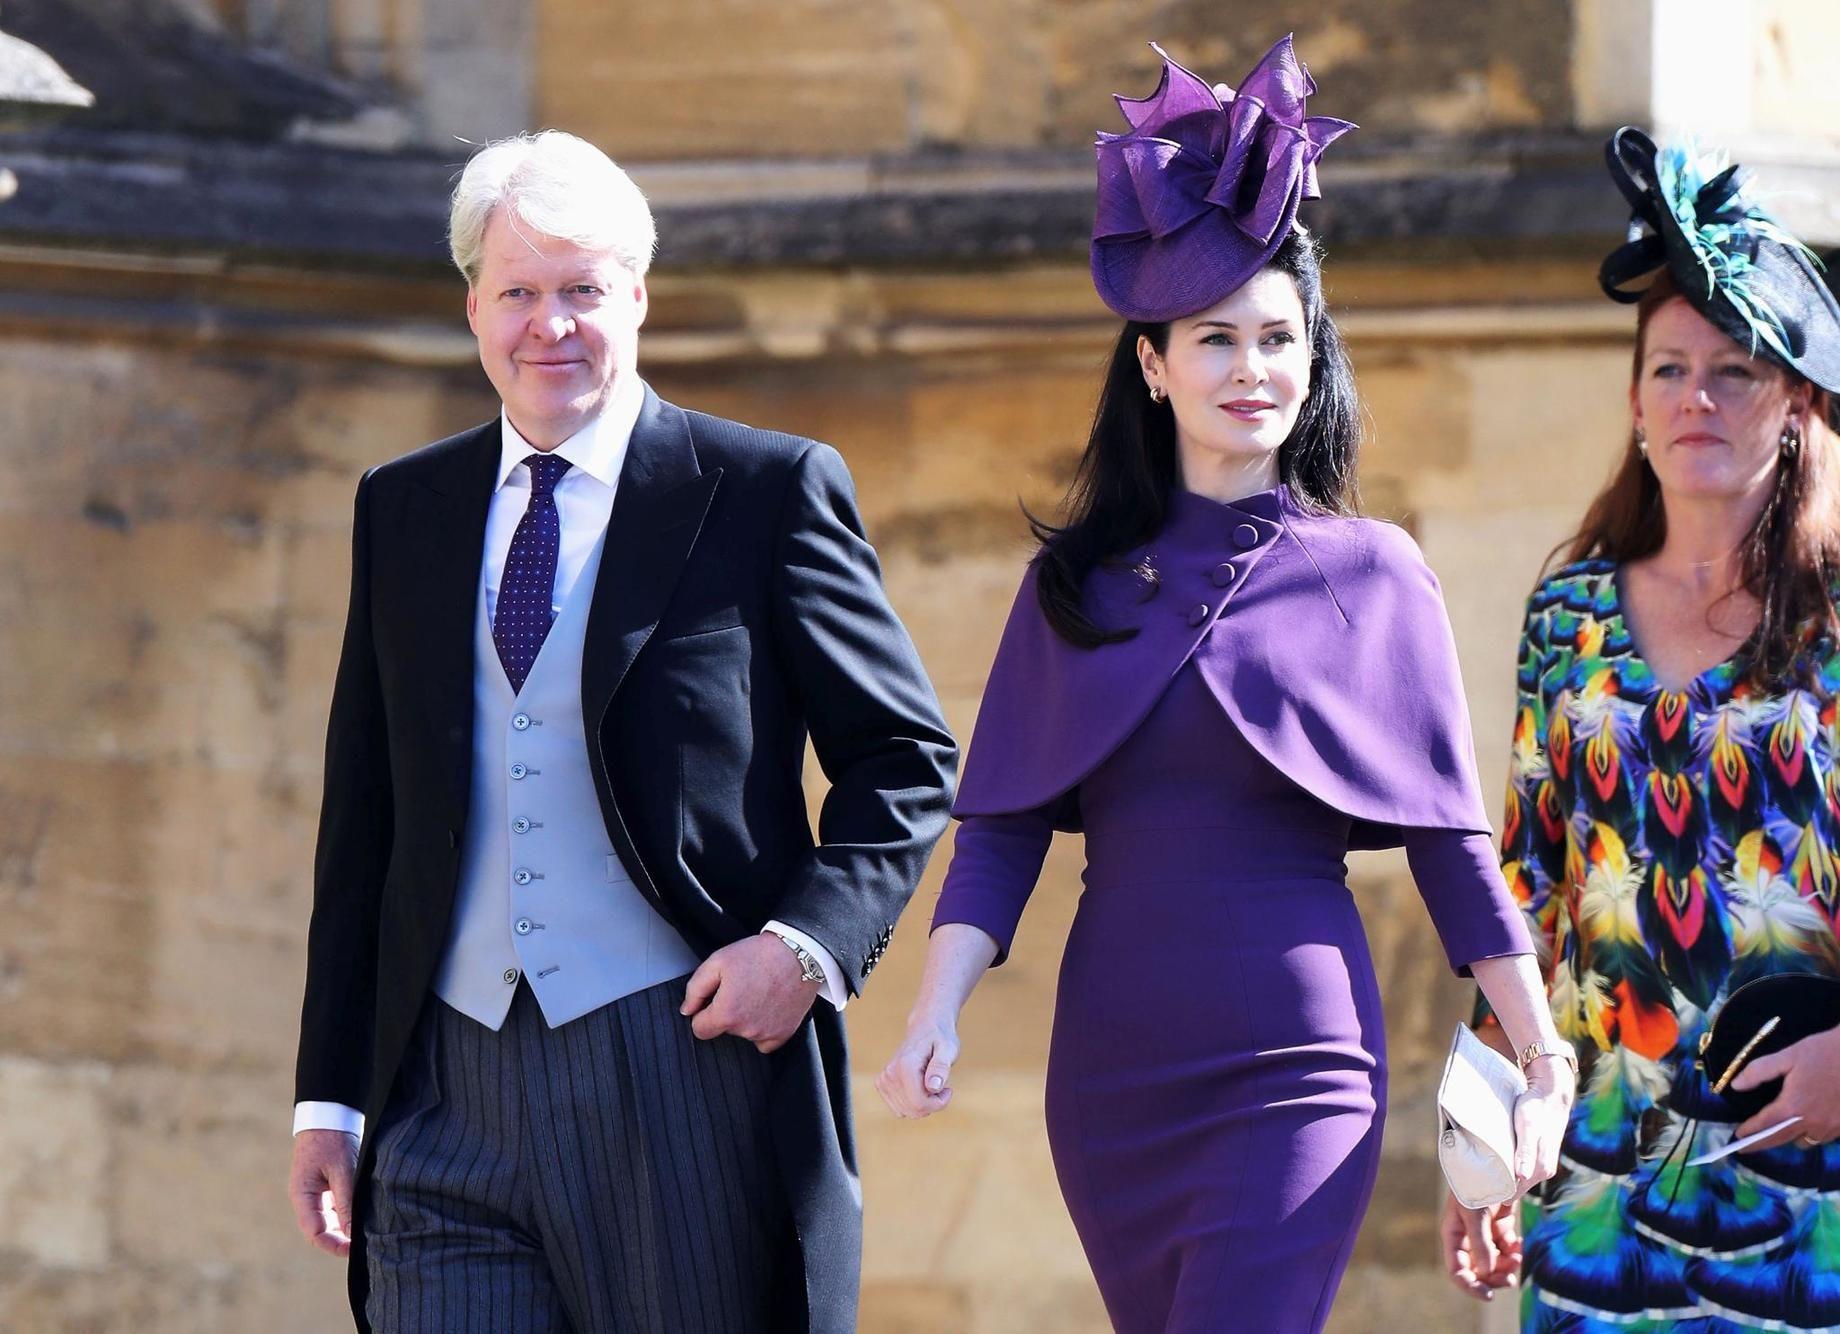 Royal Wedding In Windsor Warum Diese Konigliche Hochzeit Das Ende Einer Ara Ist Politik Tagesspiege Prinz Harry Hochzeit Konigliche Hochzeit Coole Kleider